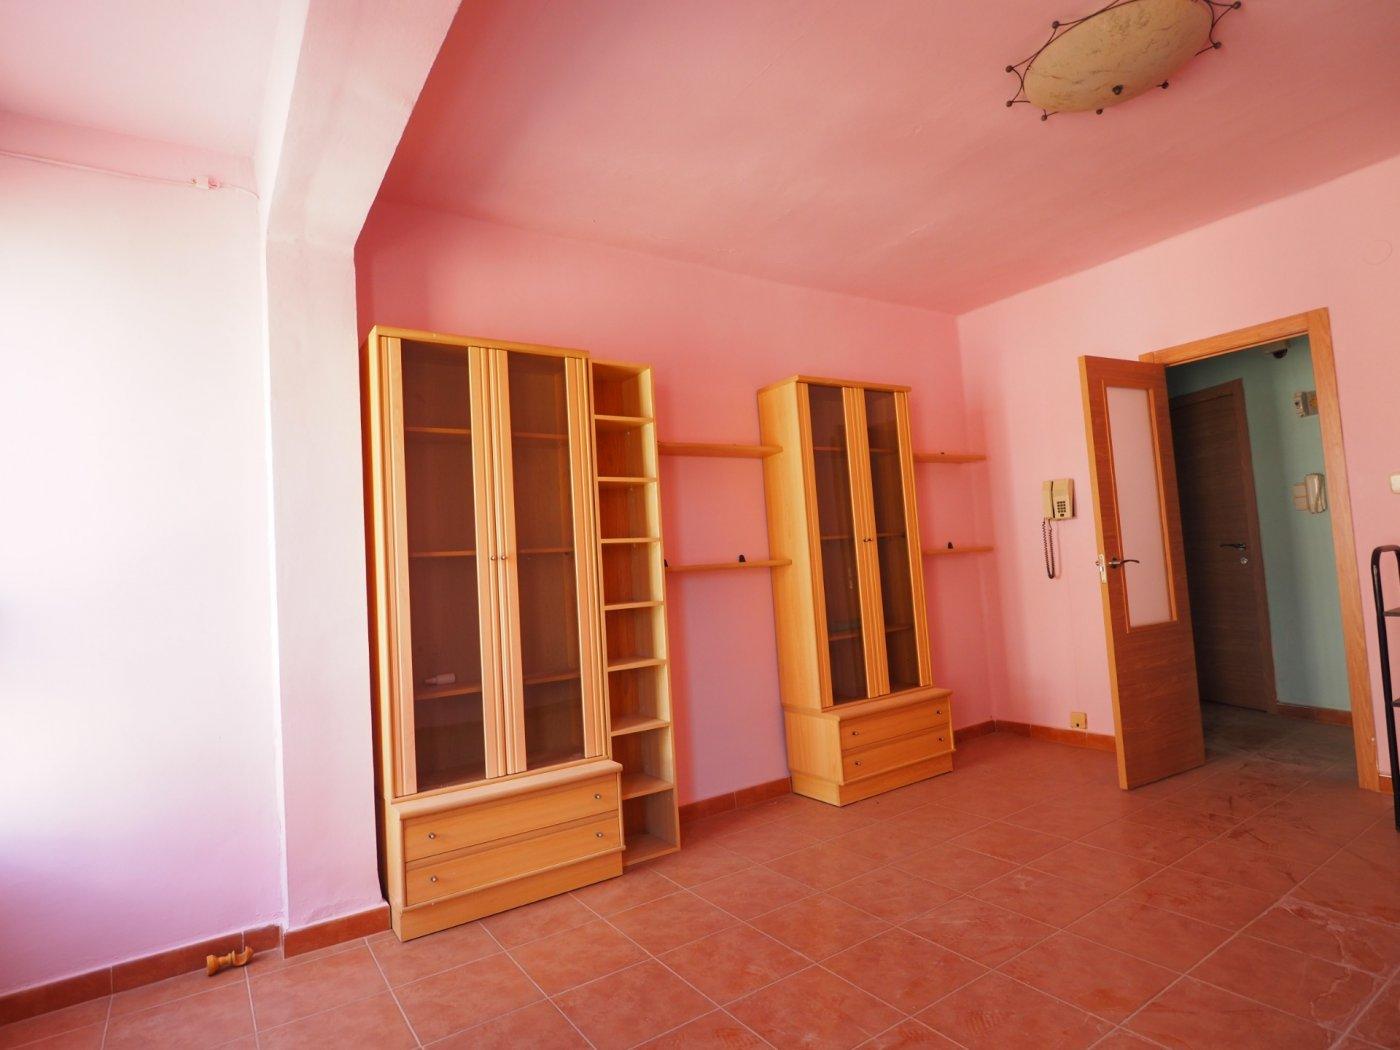 Appartamento  Villar del arzobispo ,poblacion. Piso venta villar del arzobispo